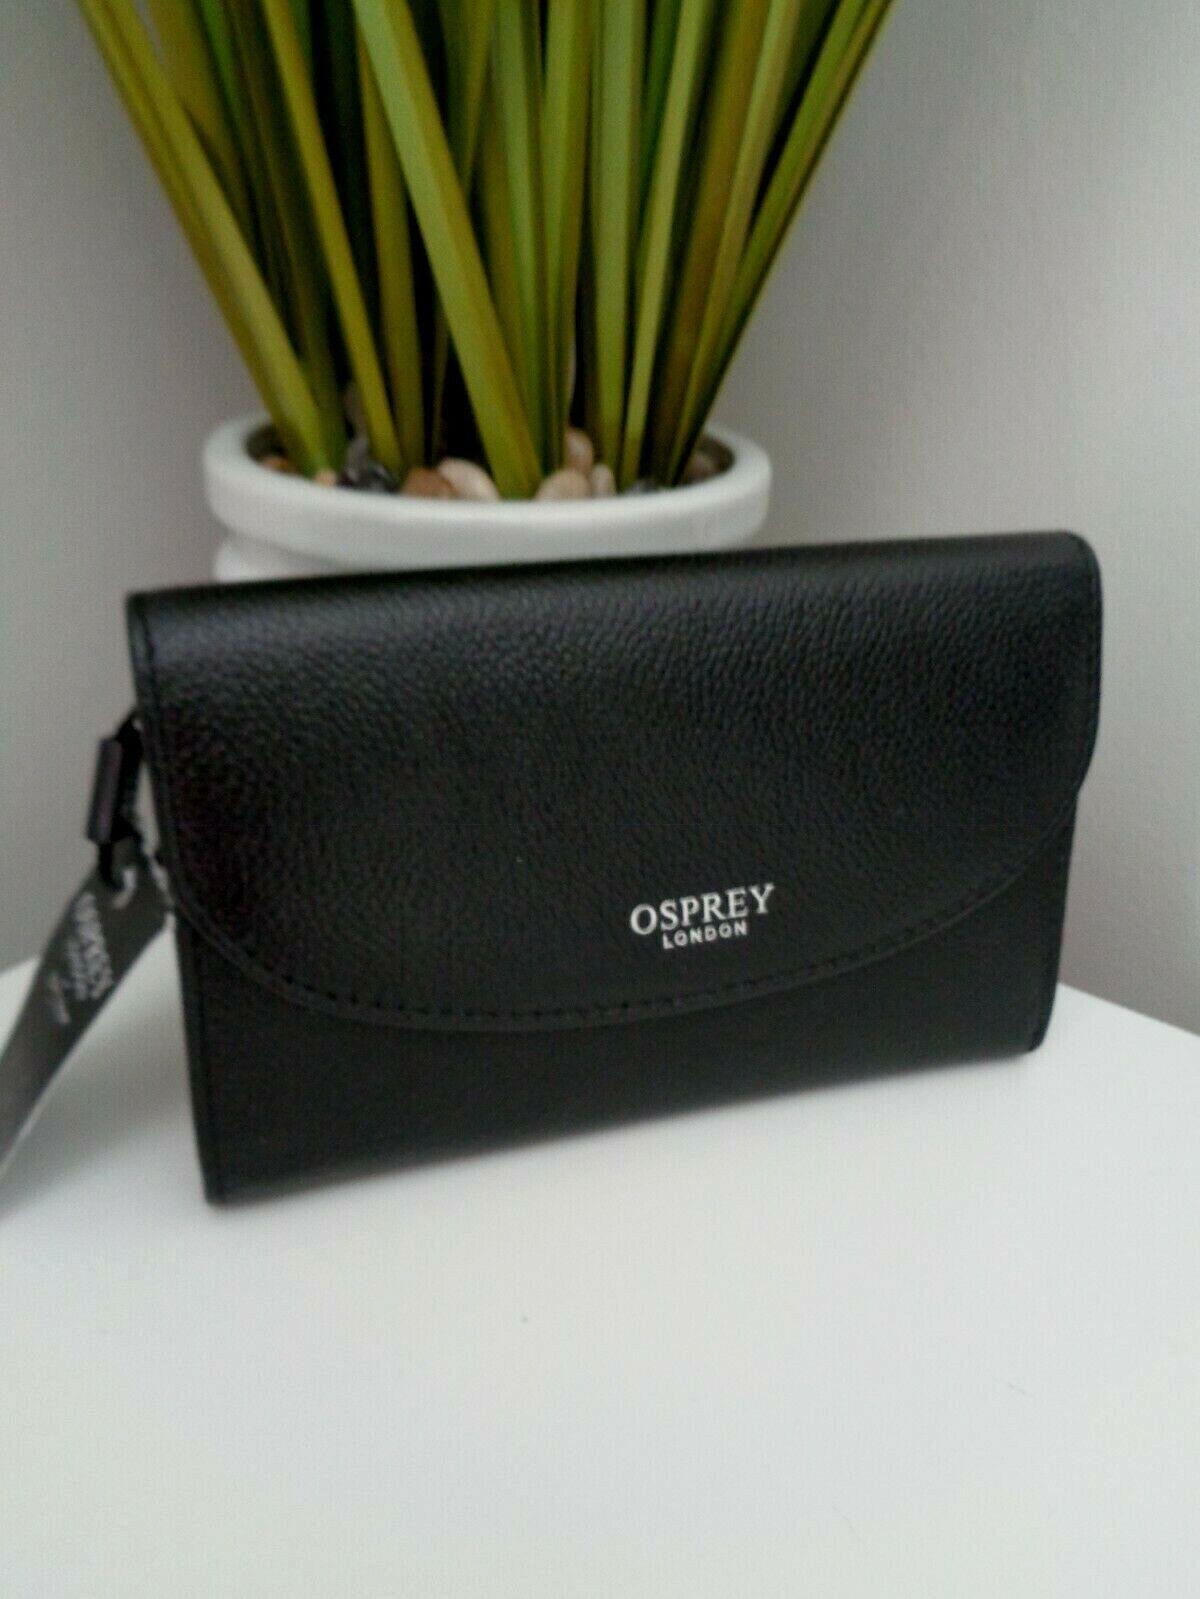 BNWT Osprey OSP 107 Black Leather Purse Wallet